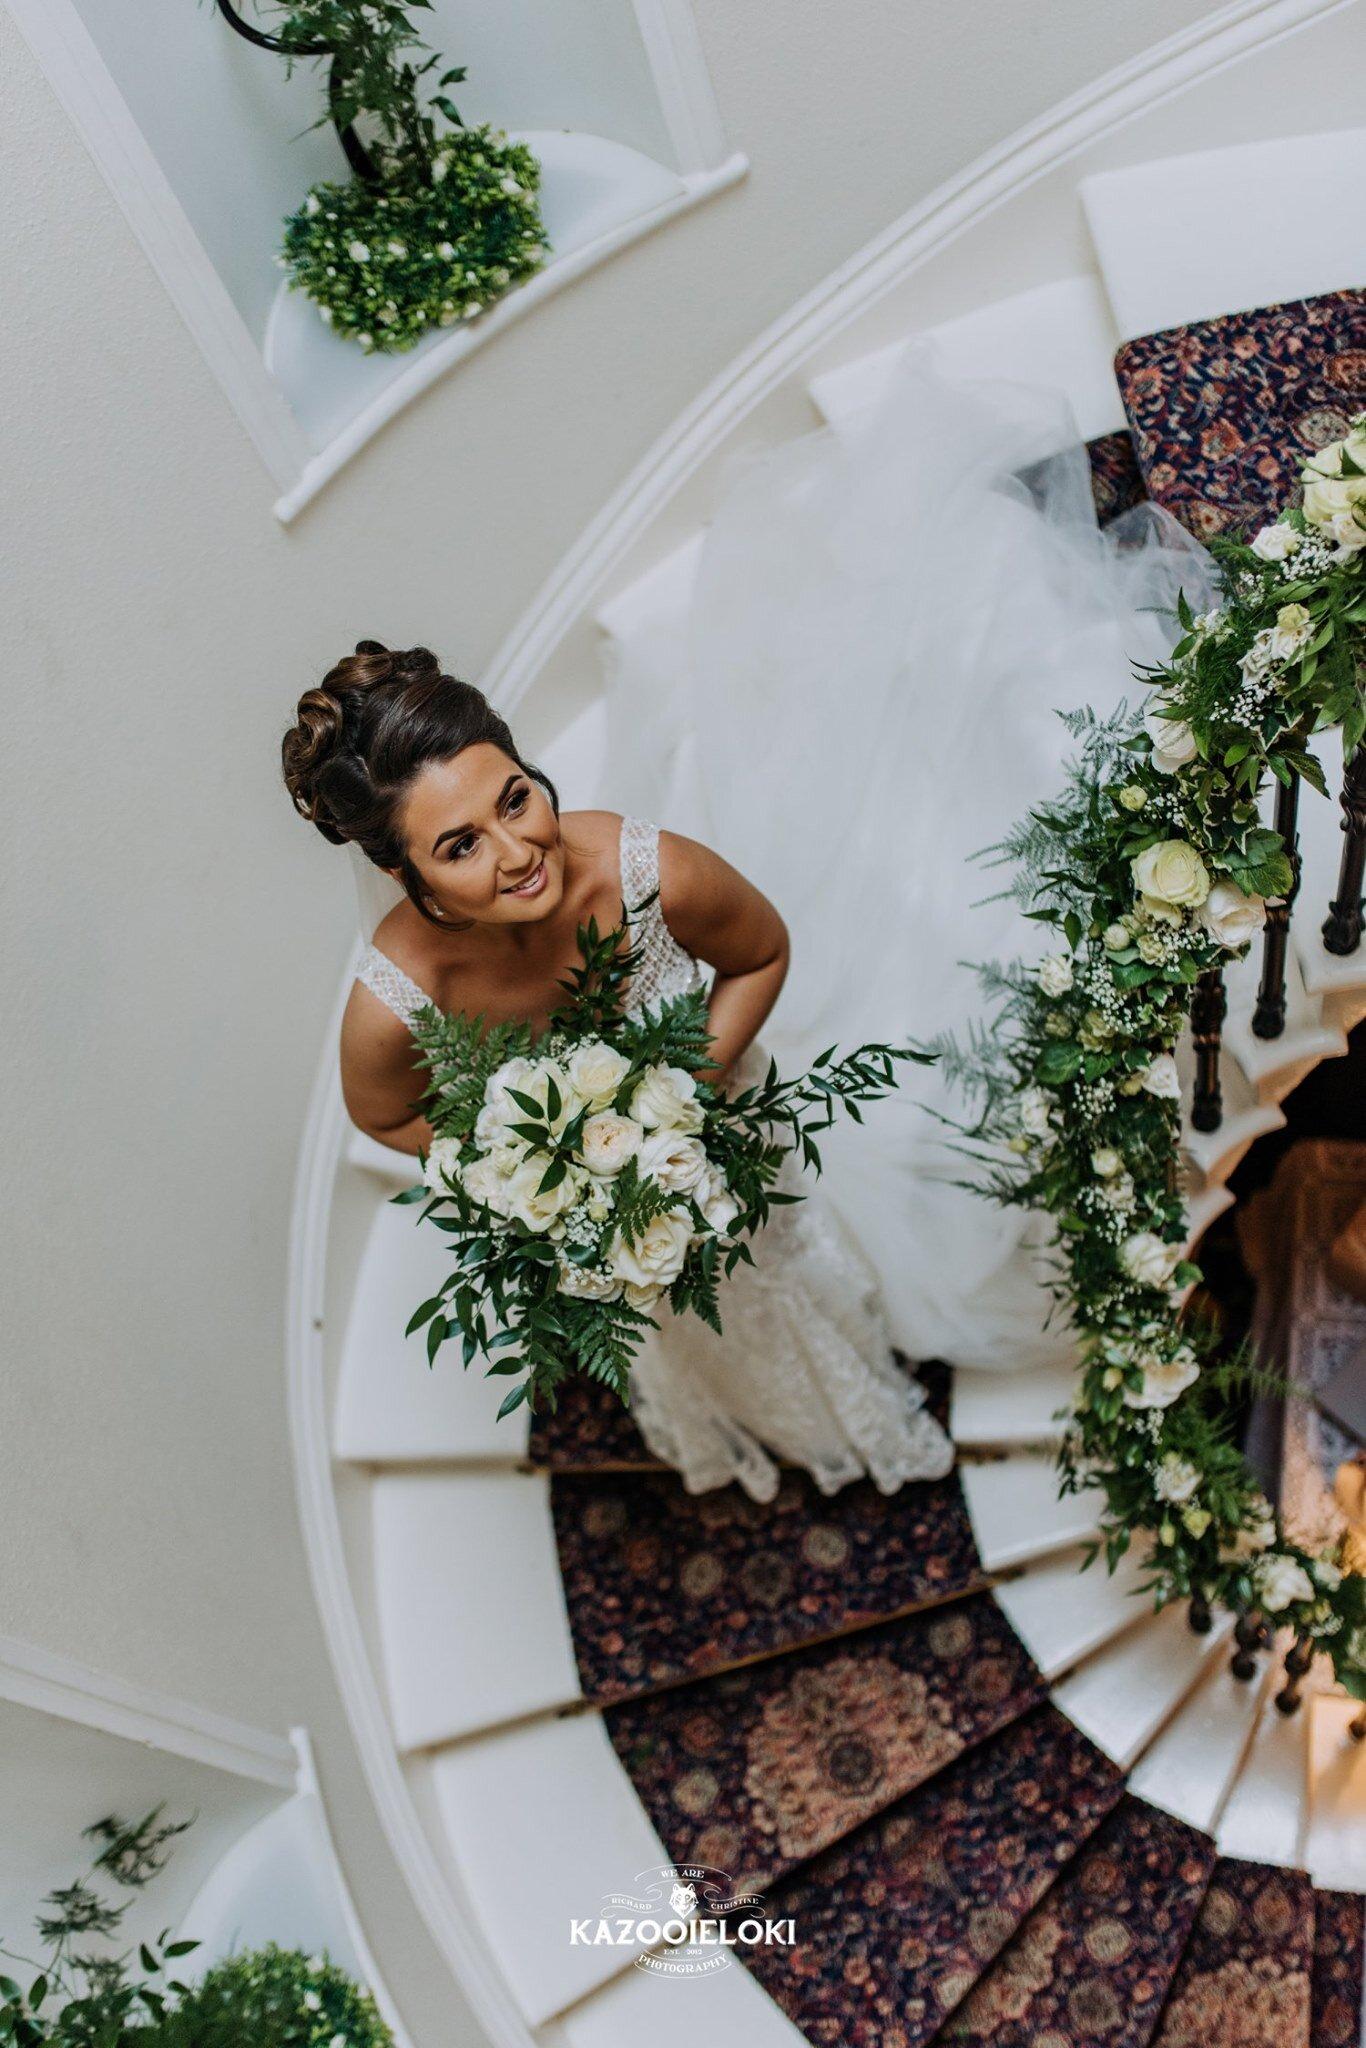 Victoria & Jack bride on stairs (Kazooieloki).jpg